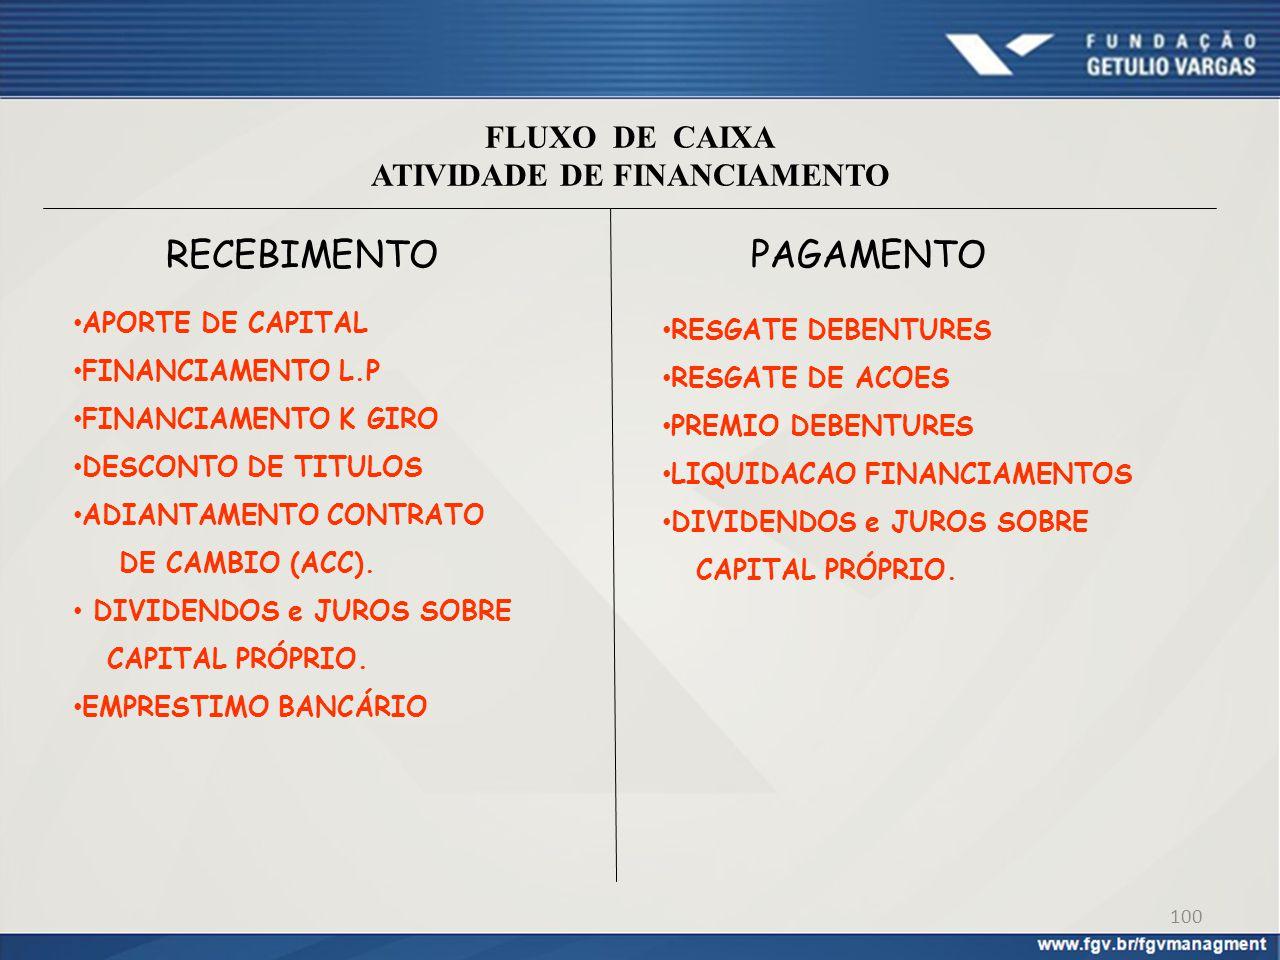 ATIVIDADE DE FINANCIAMENTO